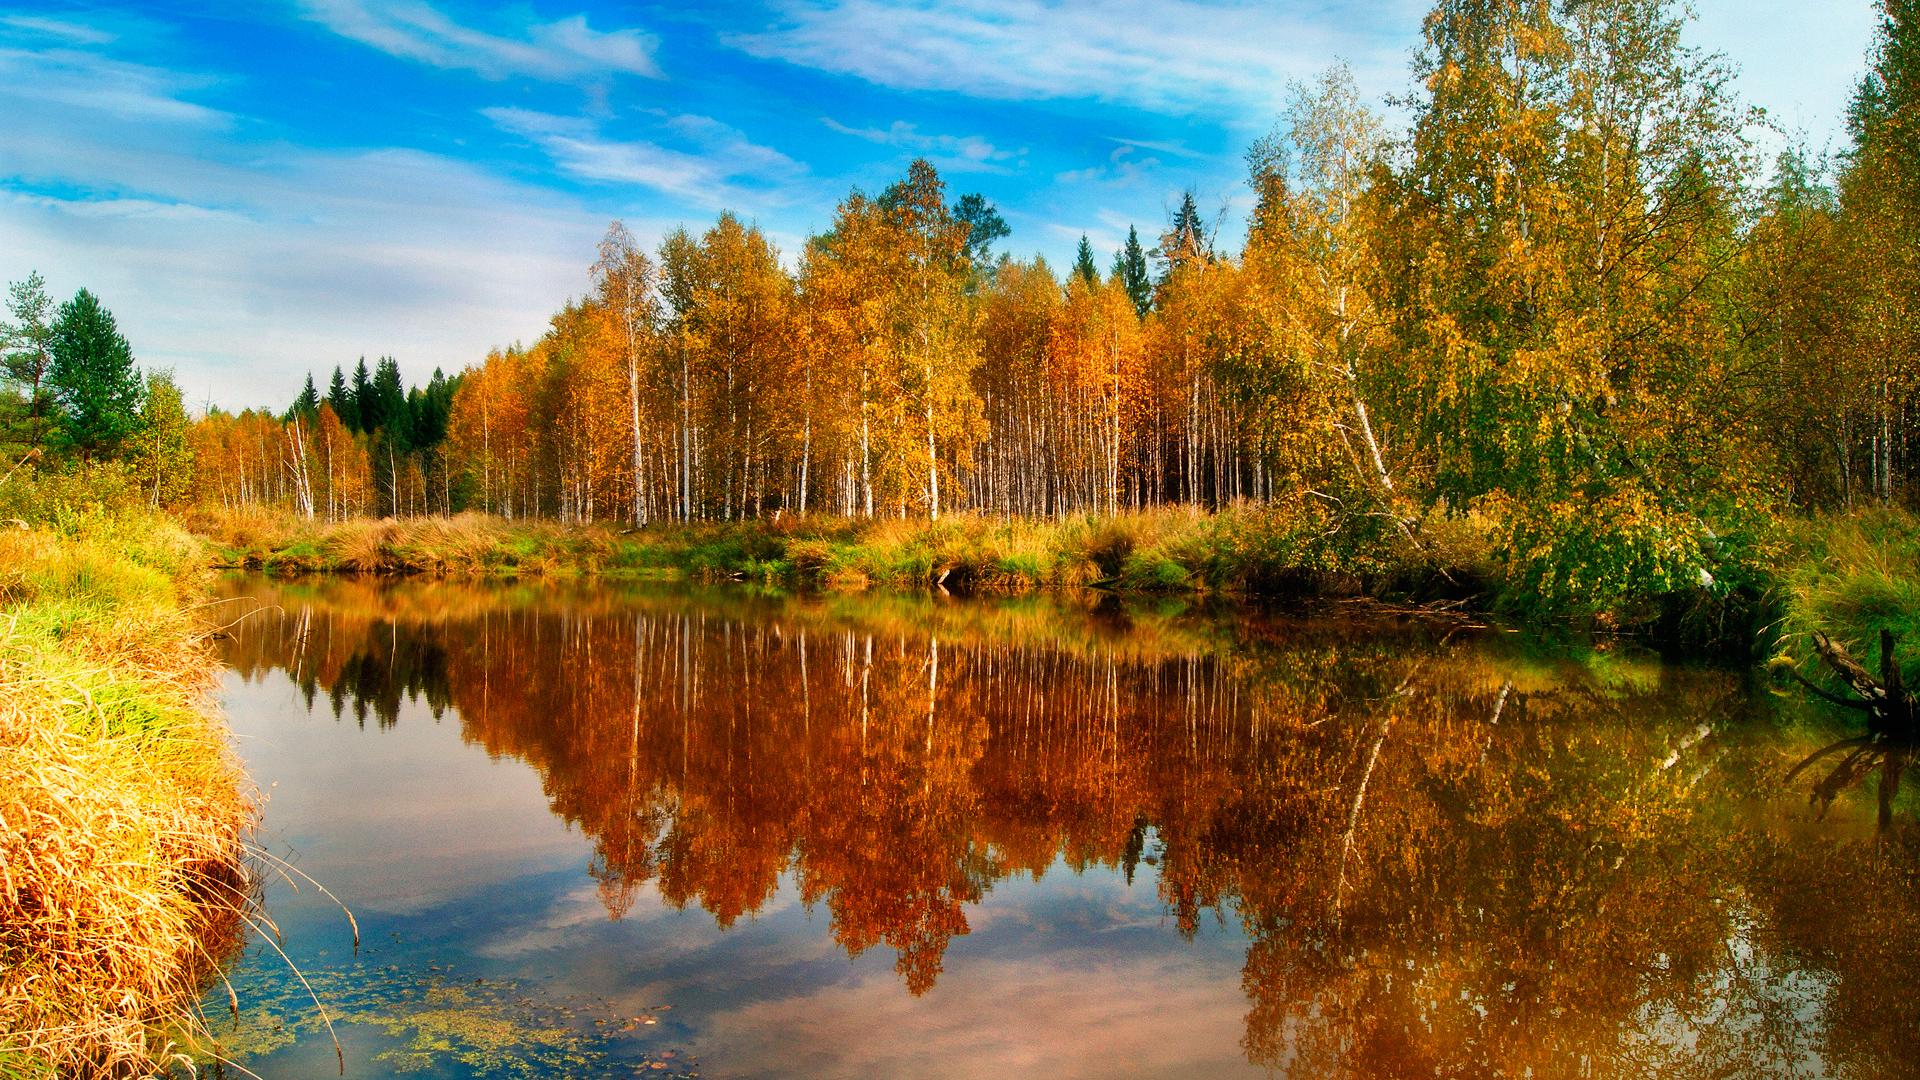 Картинки осень на рабочий стол высокого разрешения